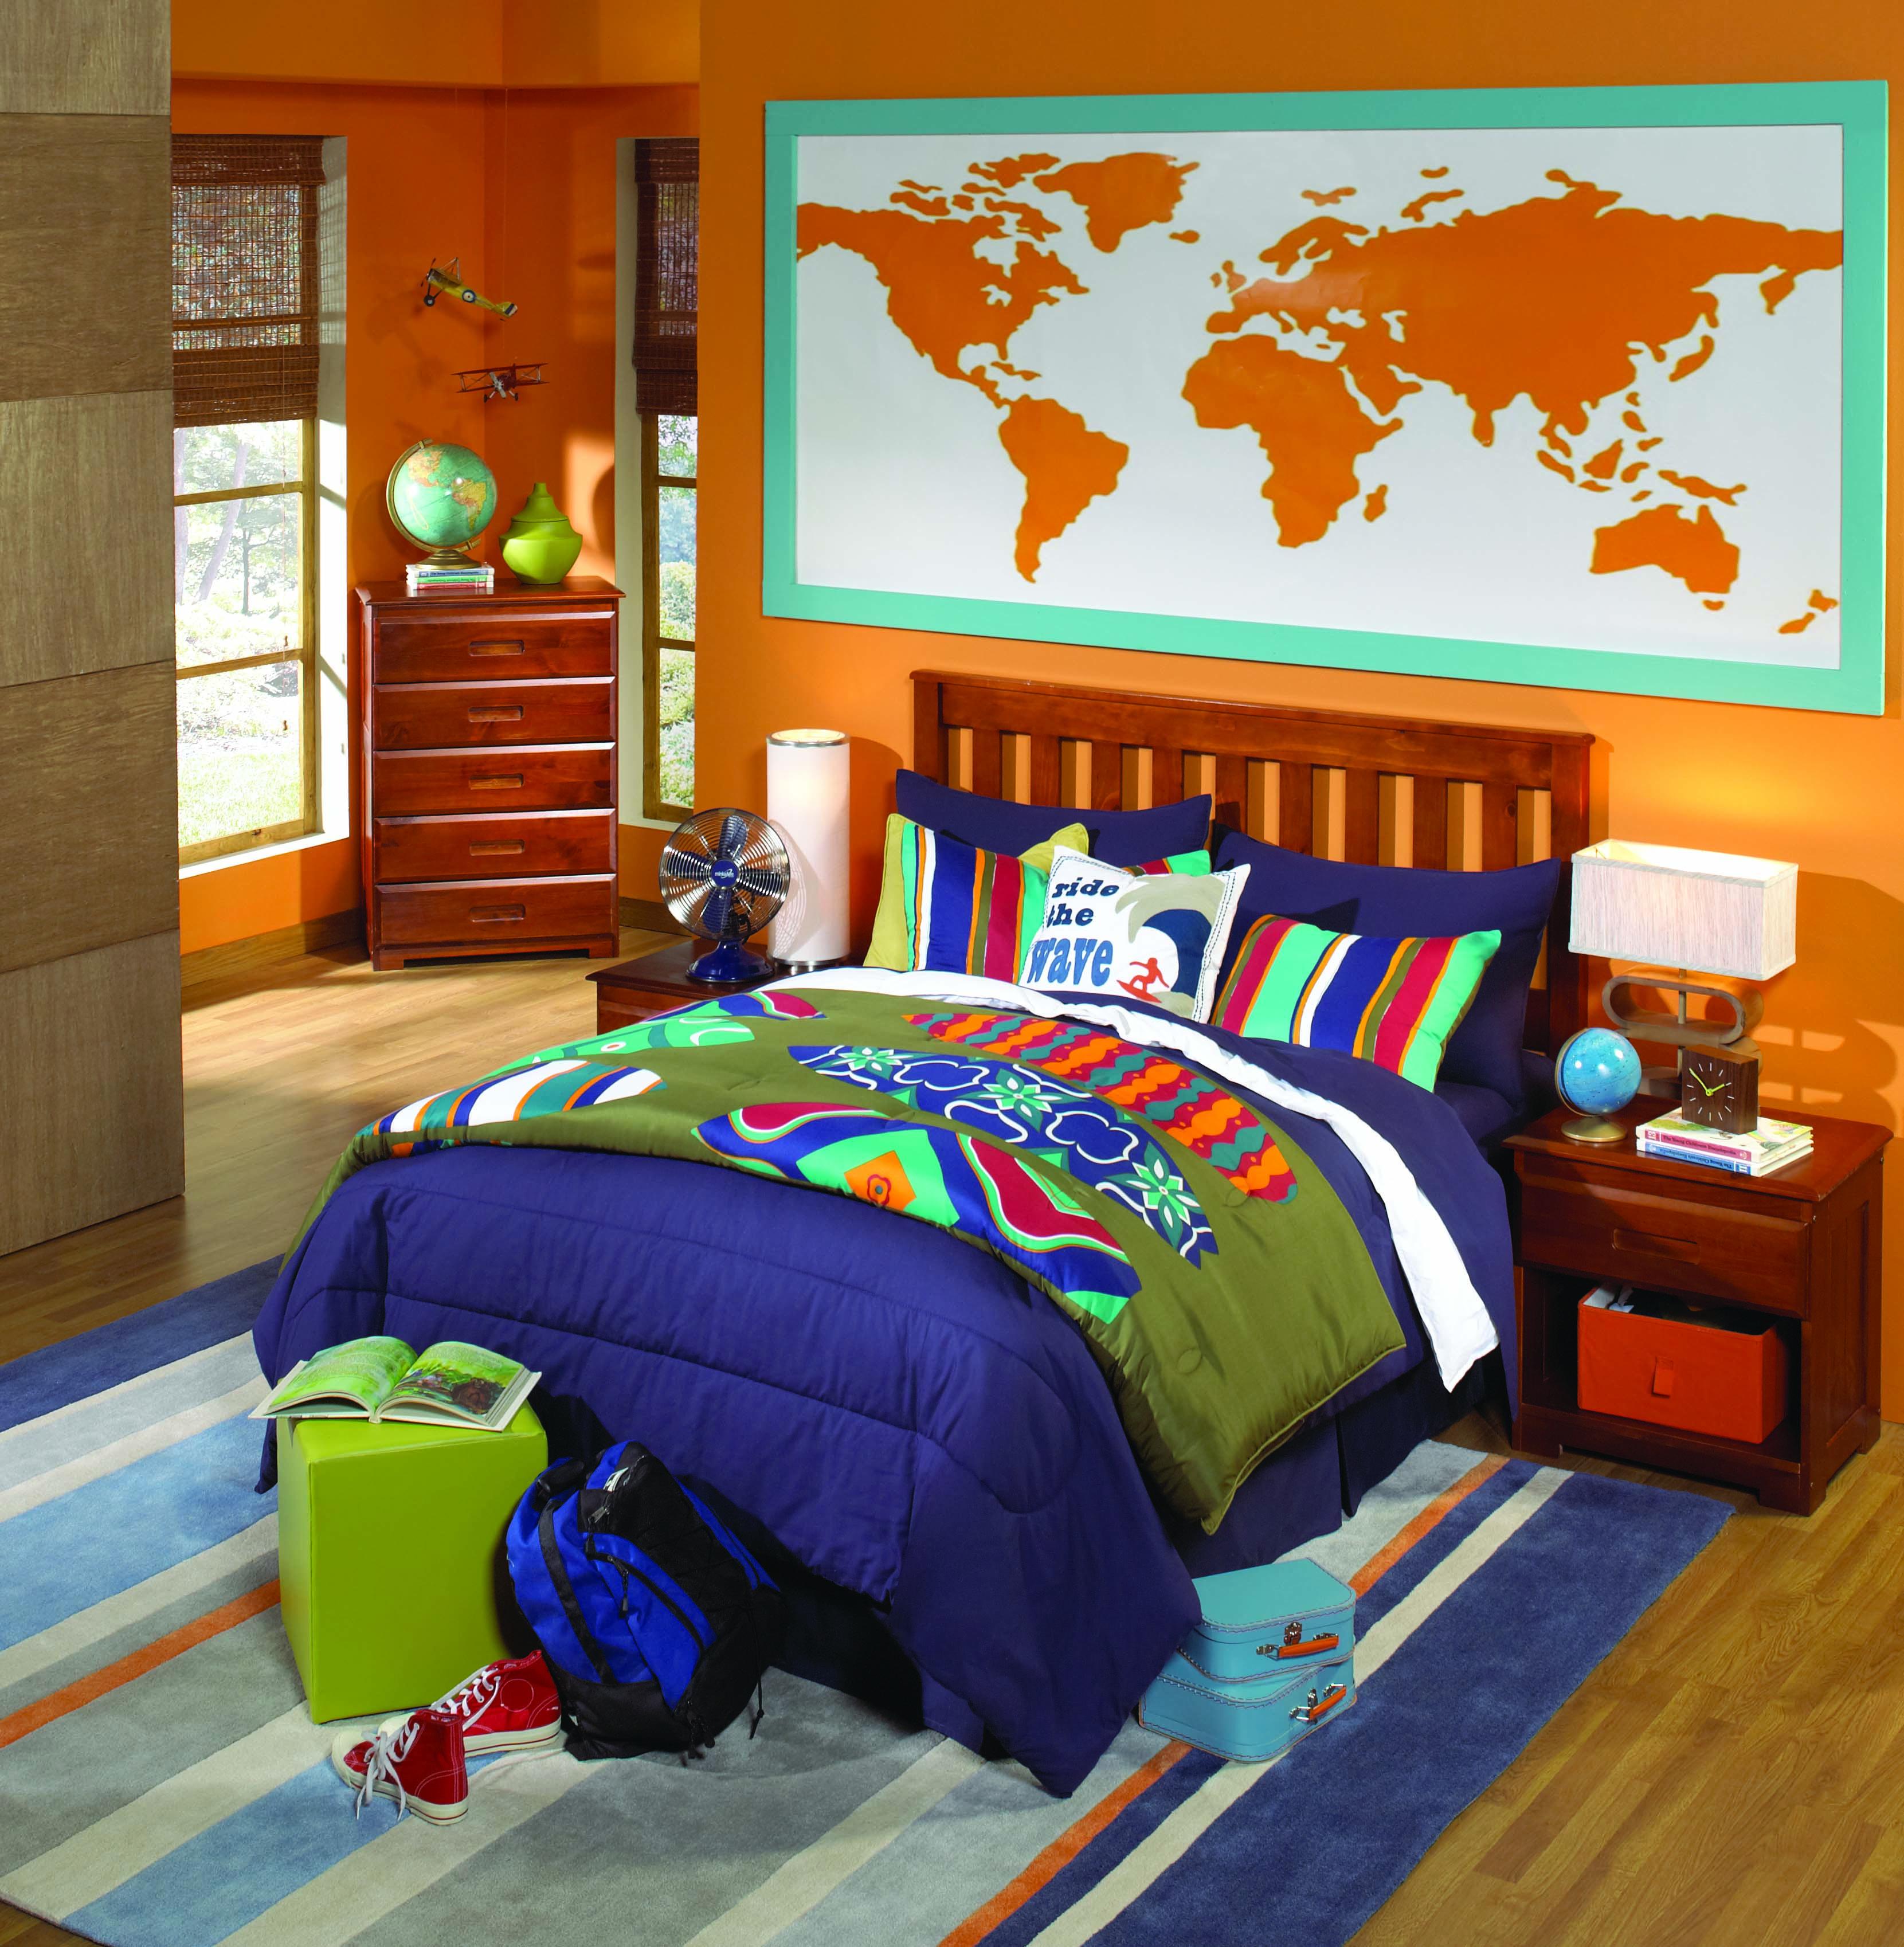 Merlot Solid Wood Bedroom All American Furniture Buy 4